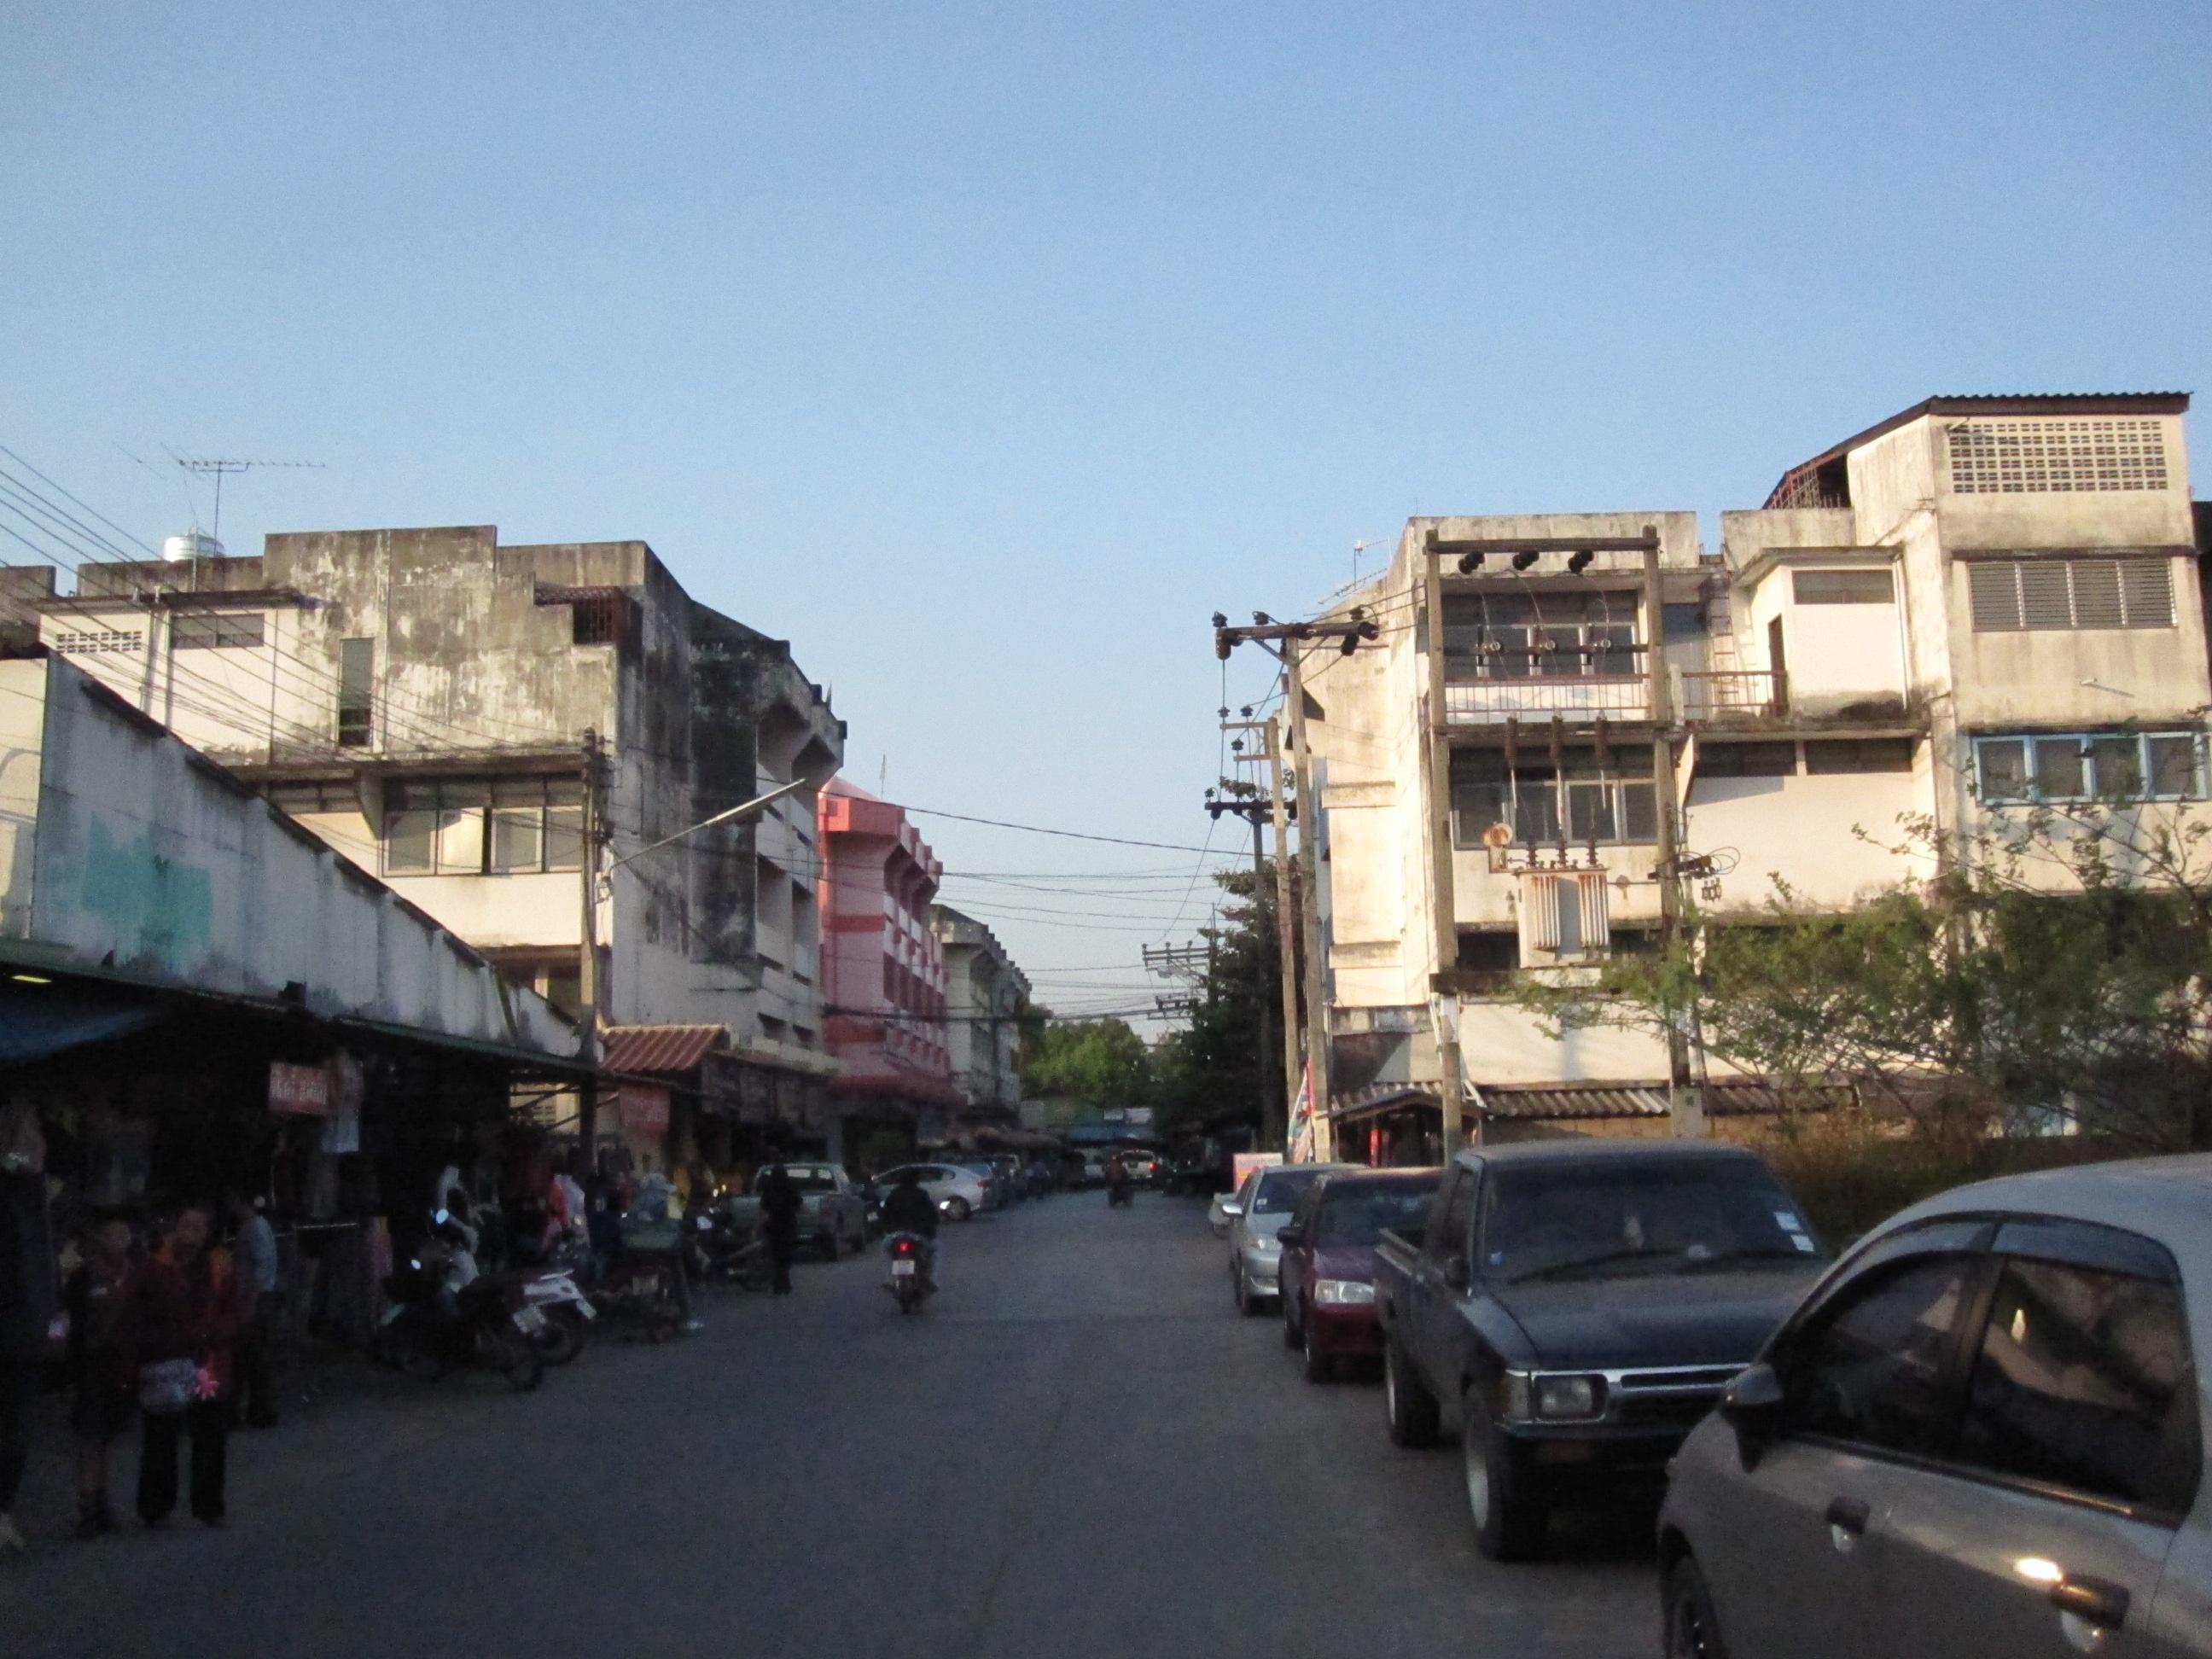 チェンライの街並み3